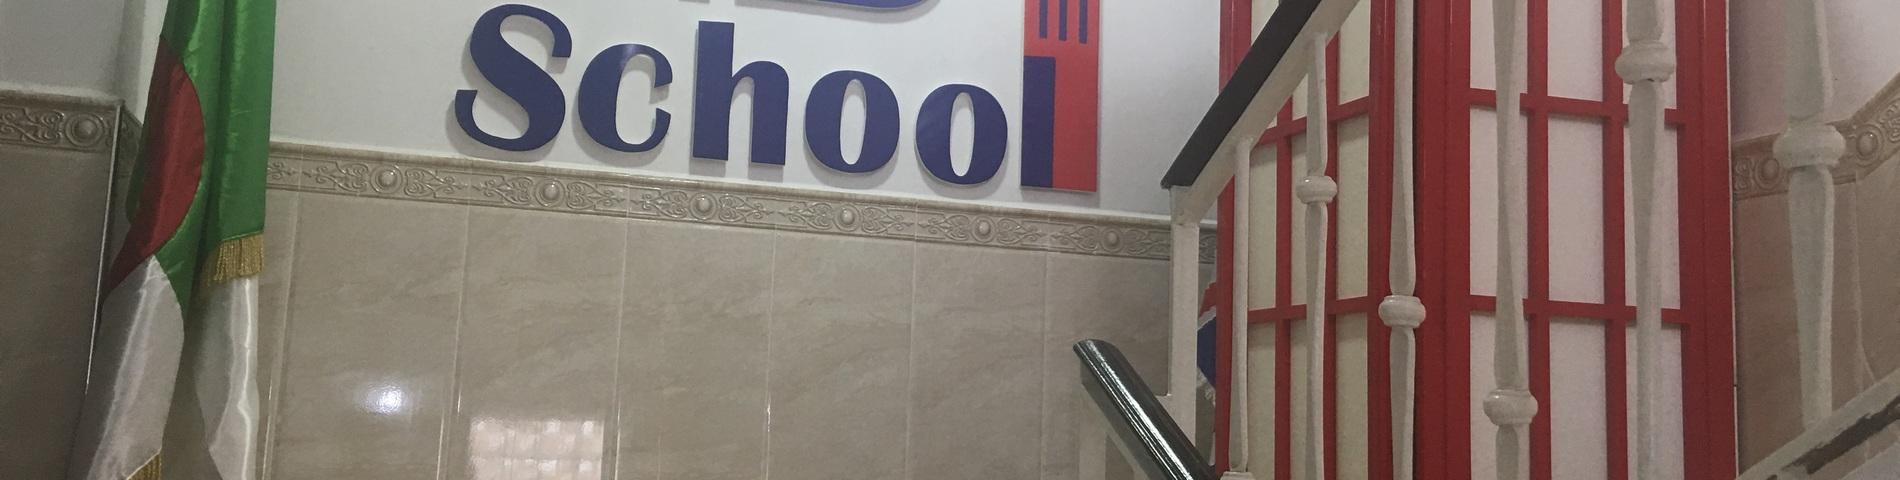 Imagen 1 de la escuela ABI School